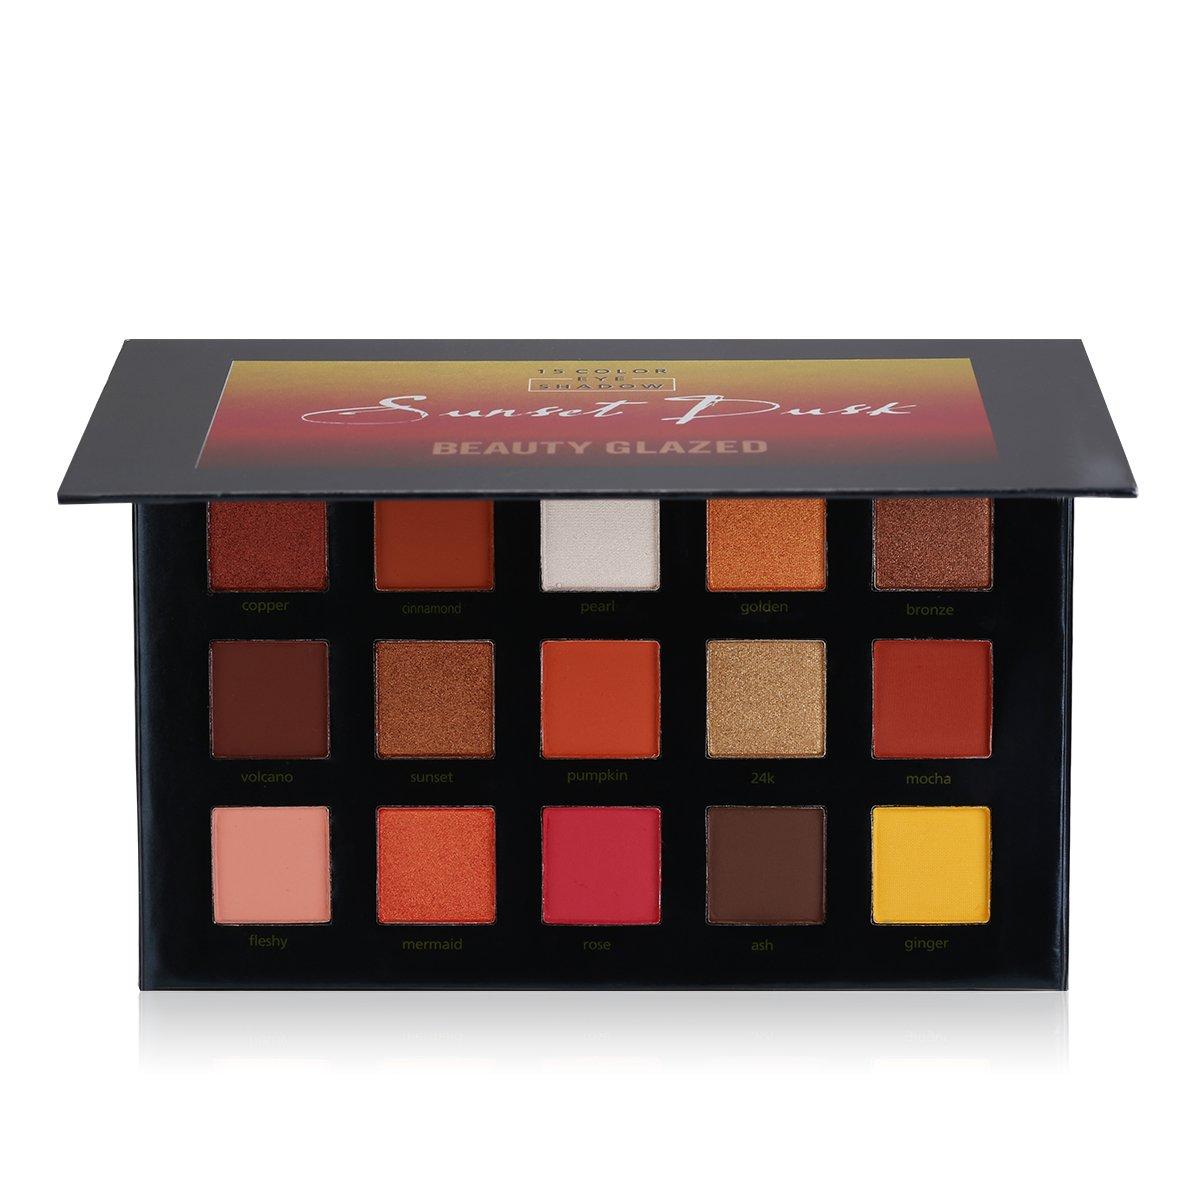 La Sunset Dusk Palette | 15 Couleurs Fards à paupières de BEAUTY GLAZED Palette d'ombre à paupières | SS COSMETICS By SeeSaw. product image